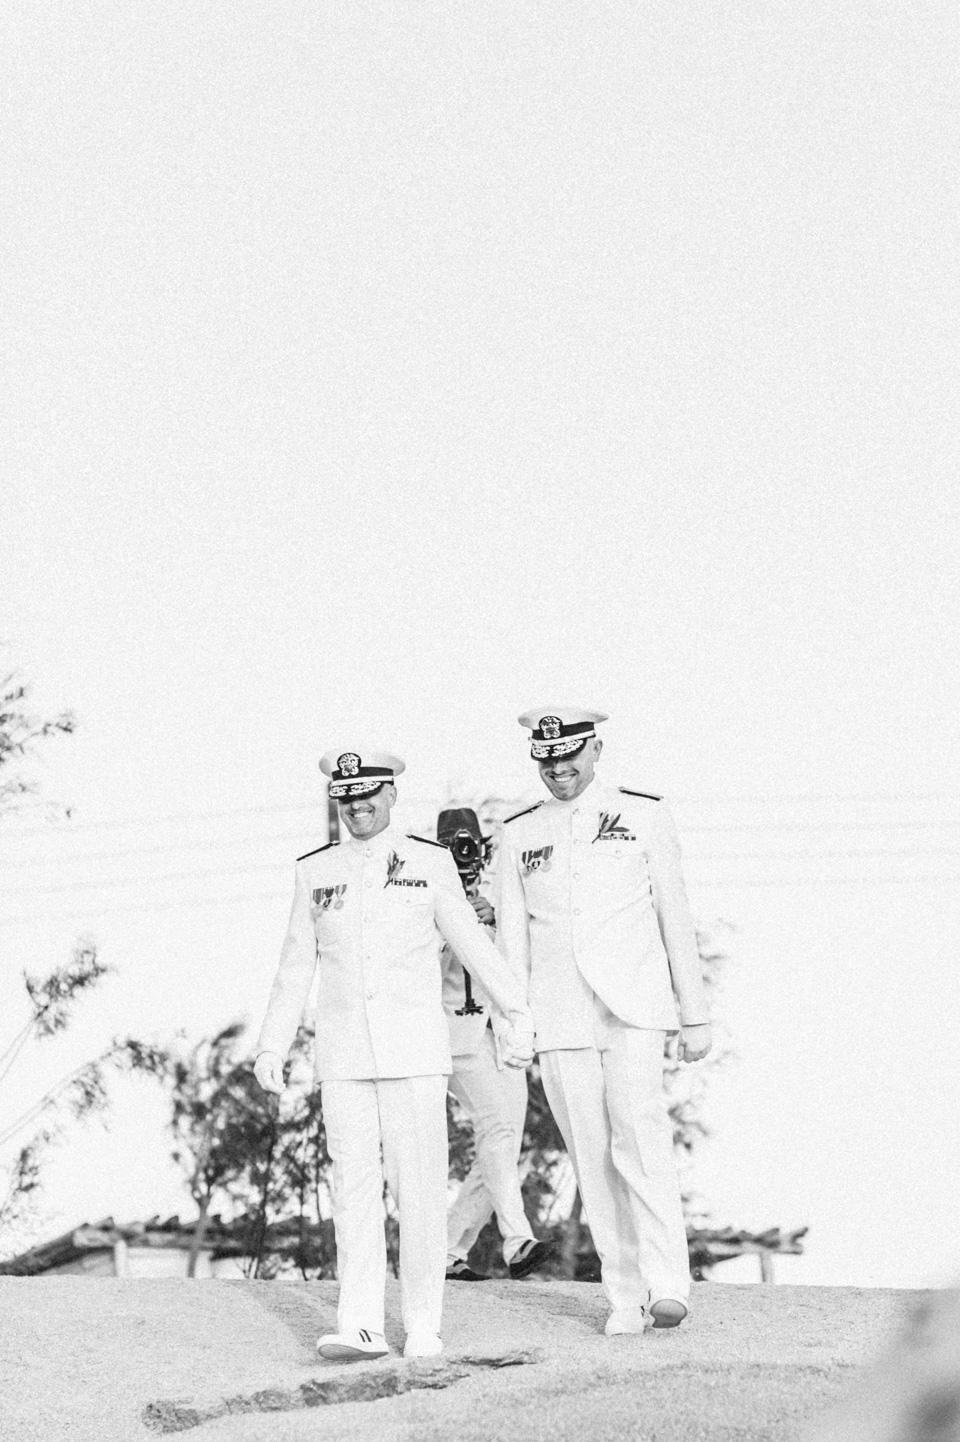 love-wins-beach-wedding-68 Ervin & Ian Love wins. Hochzeit auf Mykonos. Foto & Filmlove wins beach wedding 68